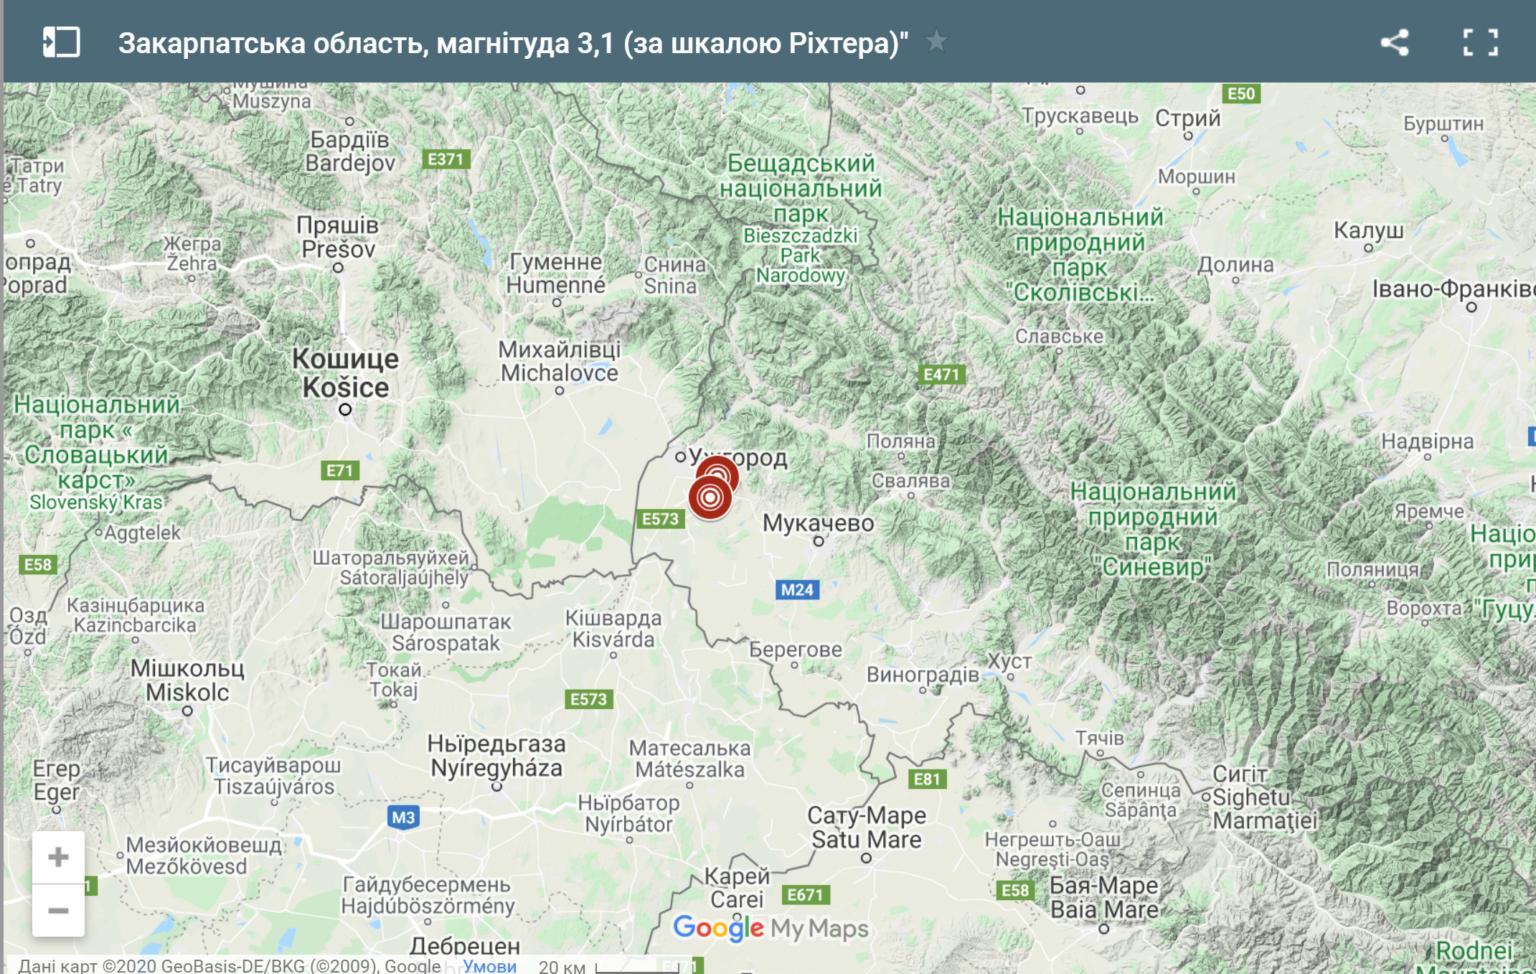 На Закарпатті зафіксували відразу два землетруси